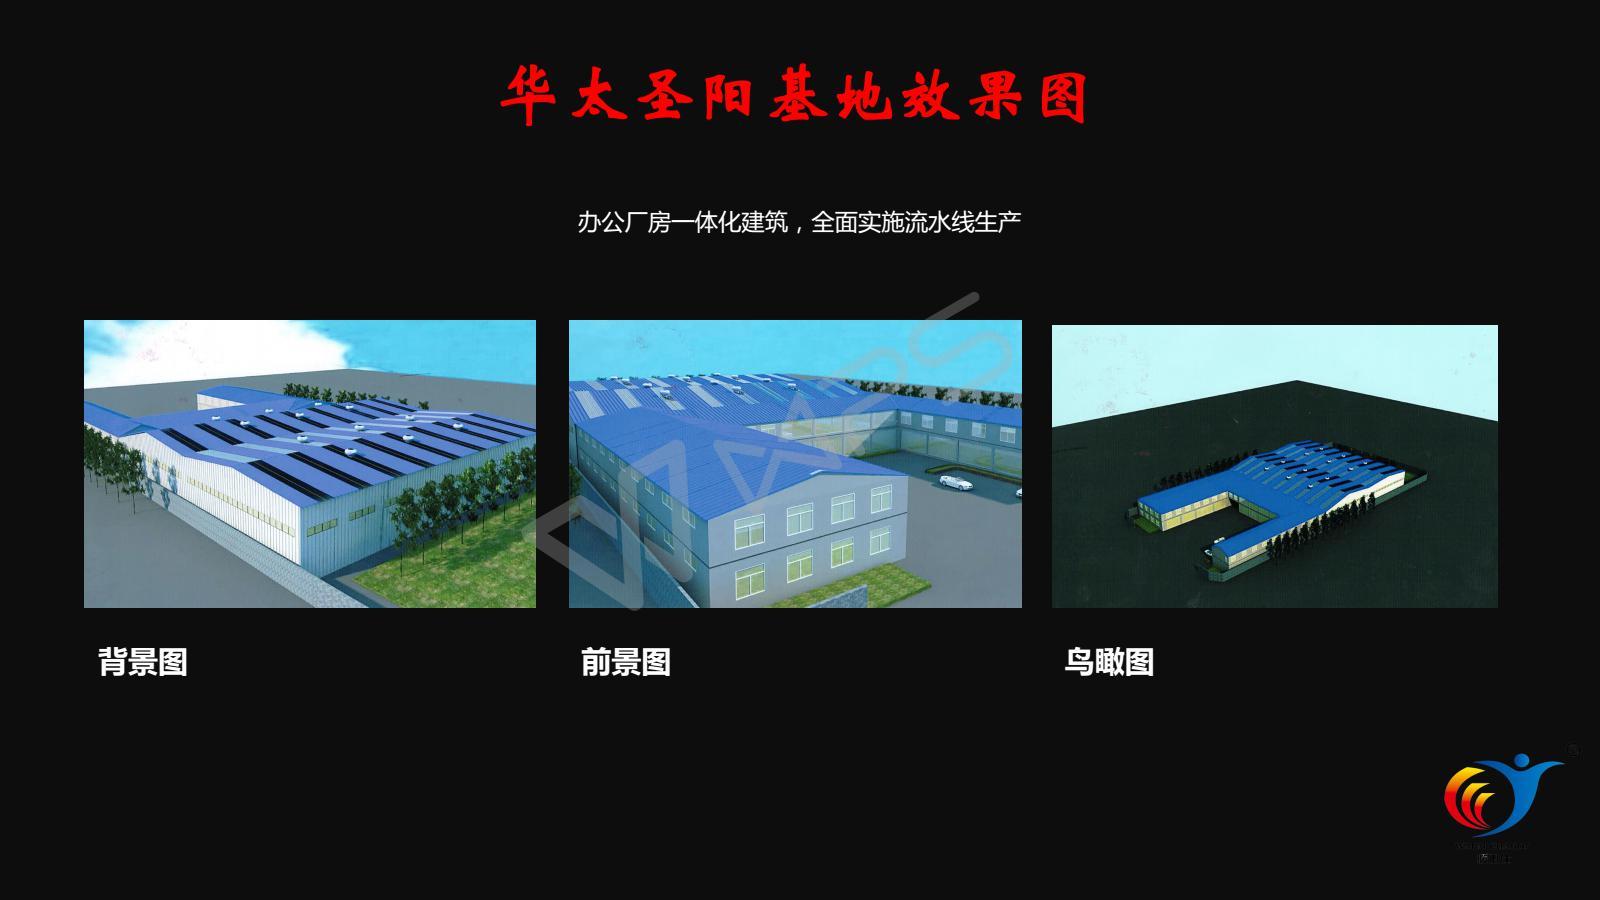 使用清洁能源量子能,享受绿色生活|企业动态-甘肃太阳雨能源集团有限公司兰州分公司